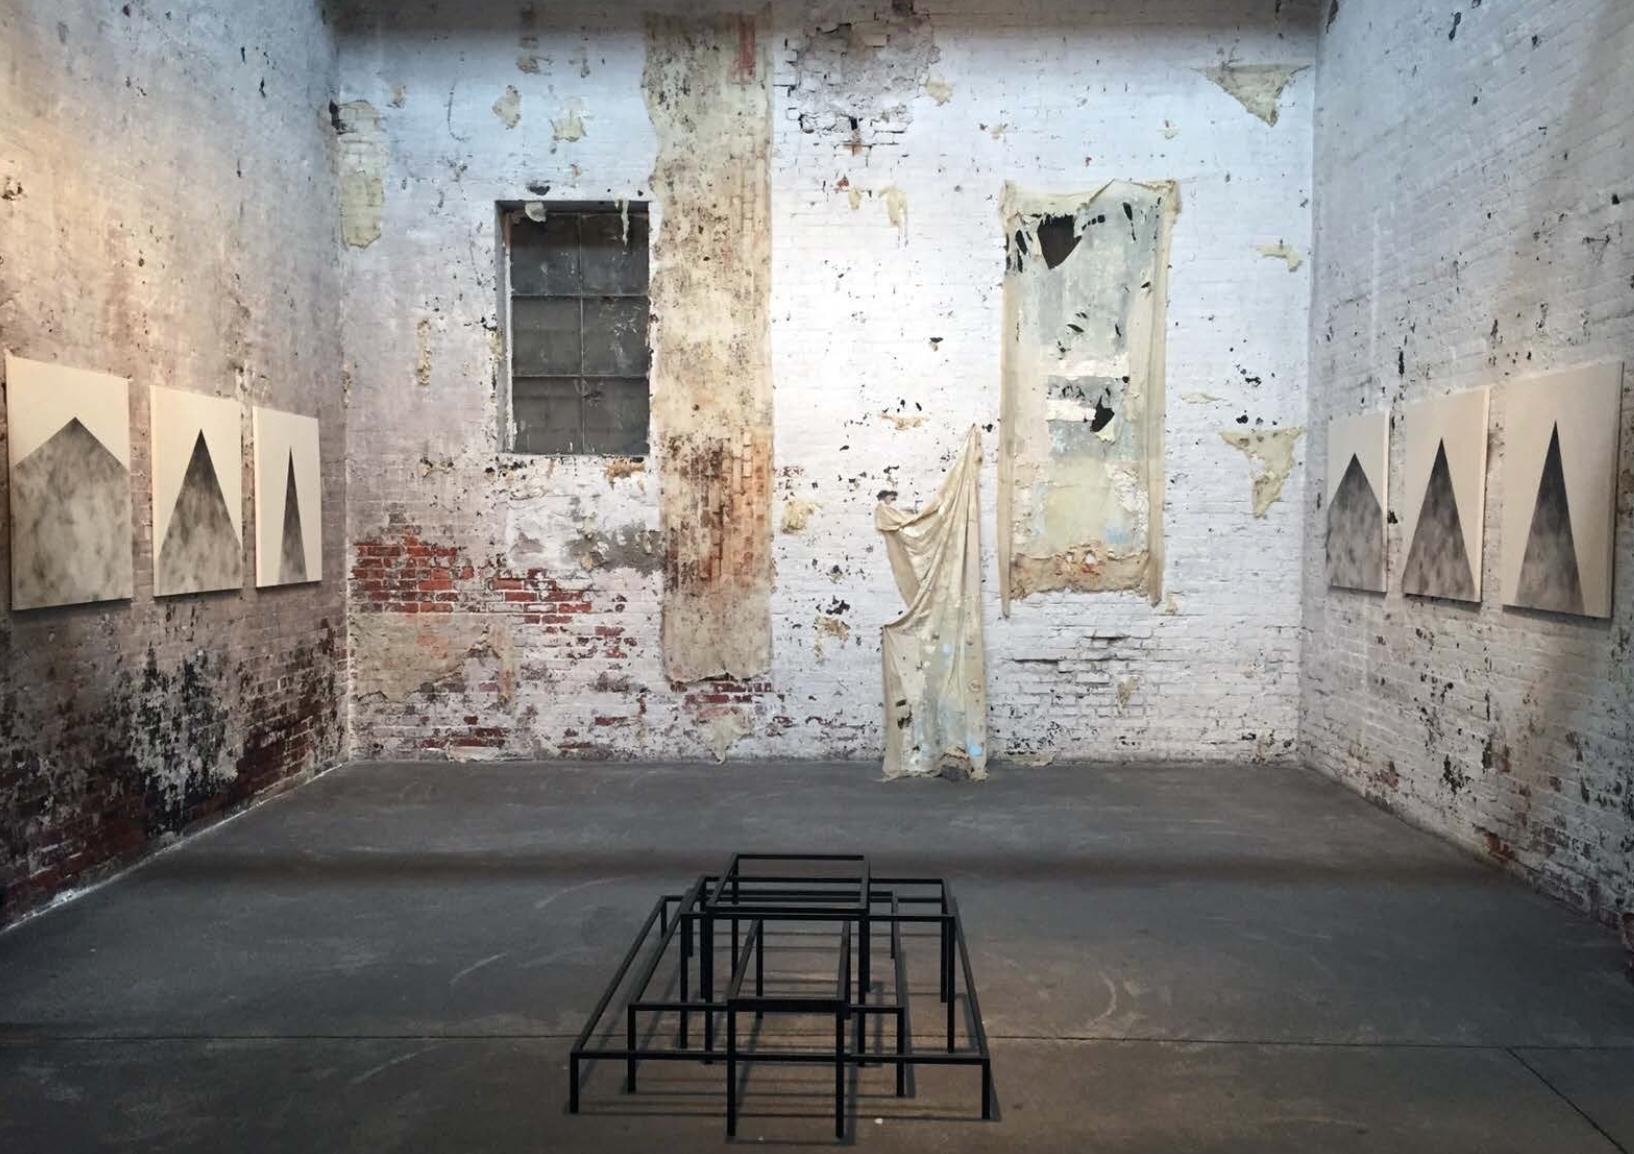 Installation View, NEWD Art Show, 2015